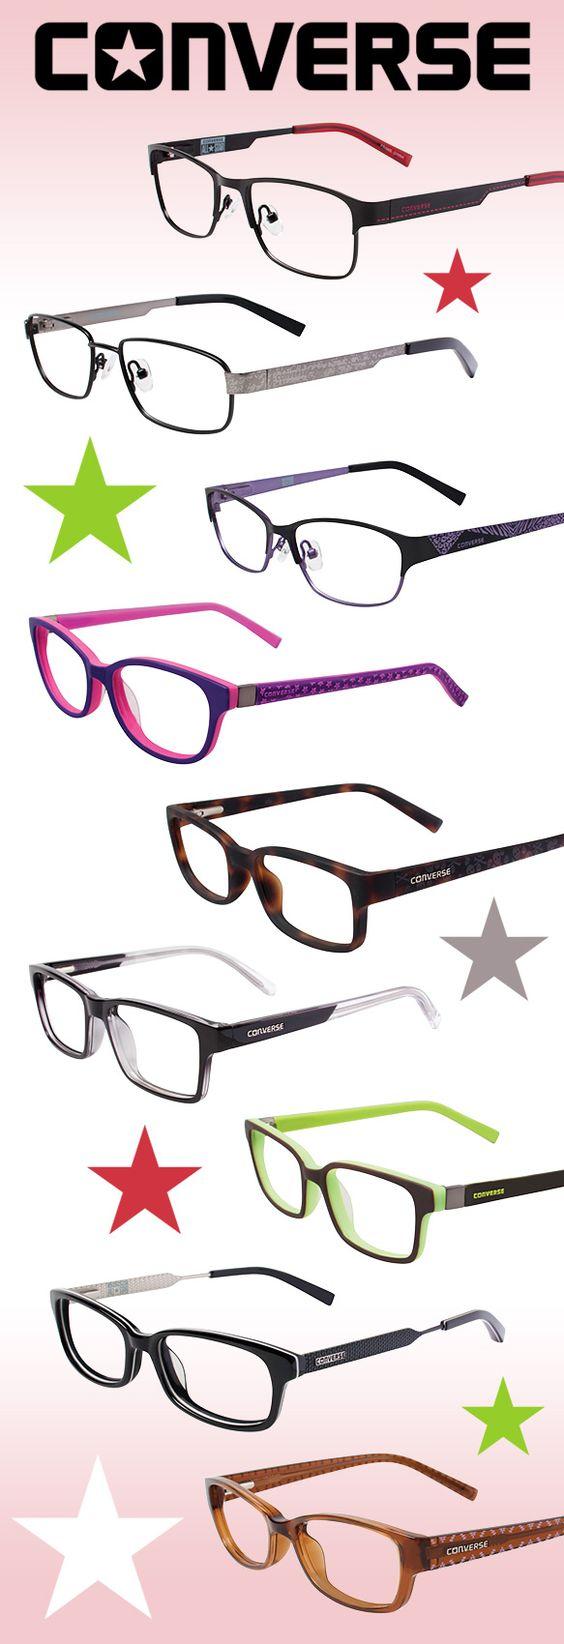 converse 07 glasses